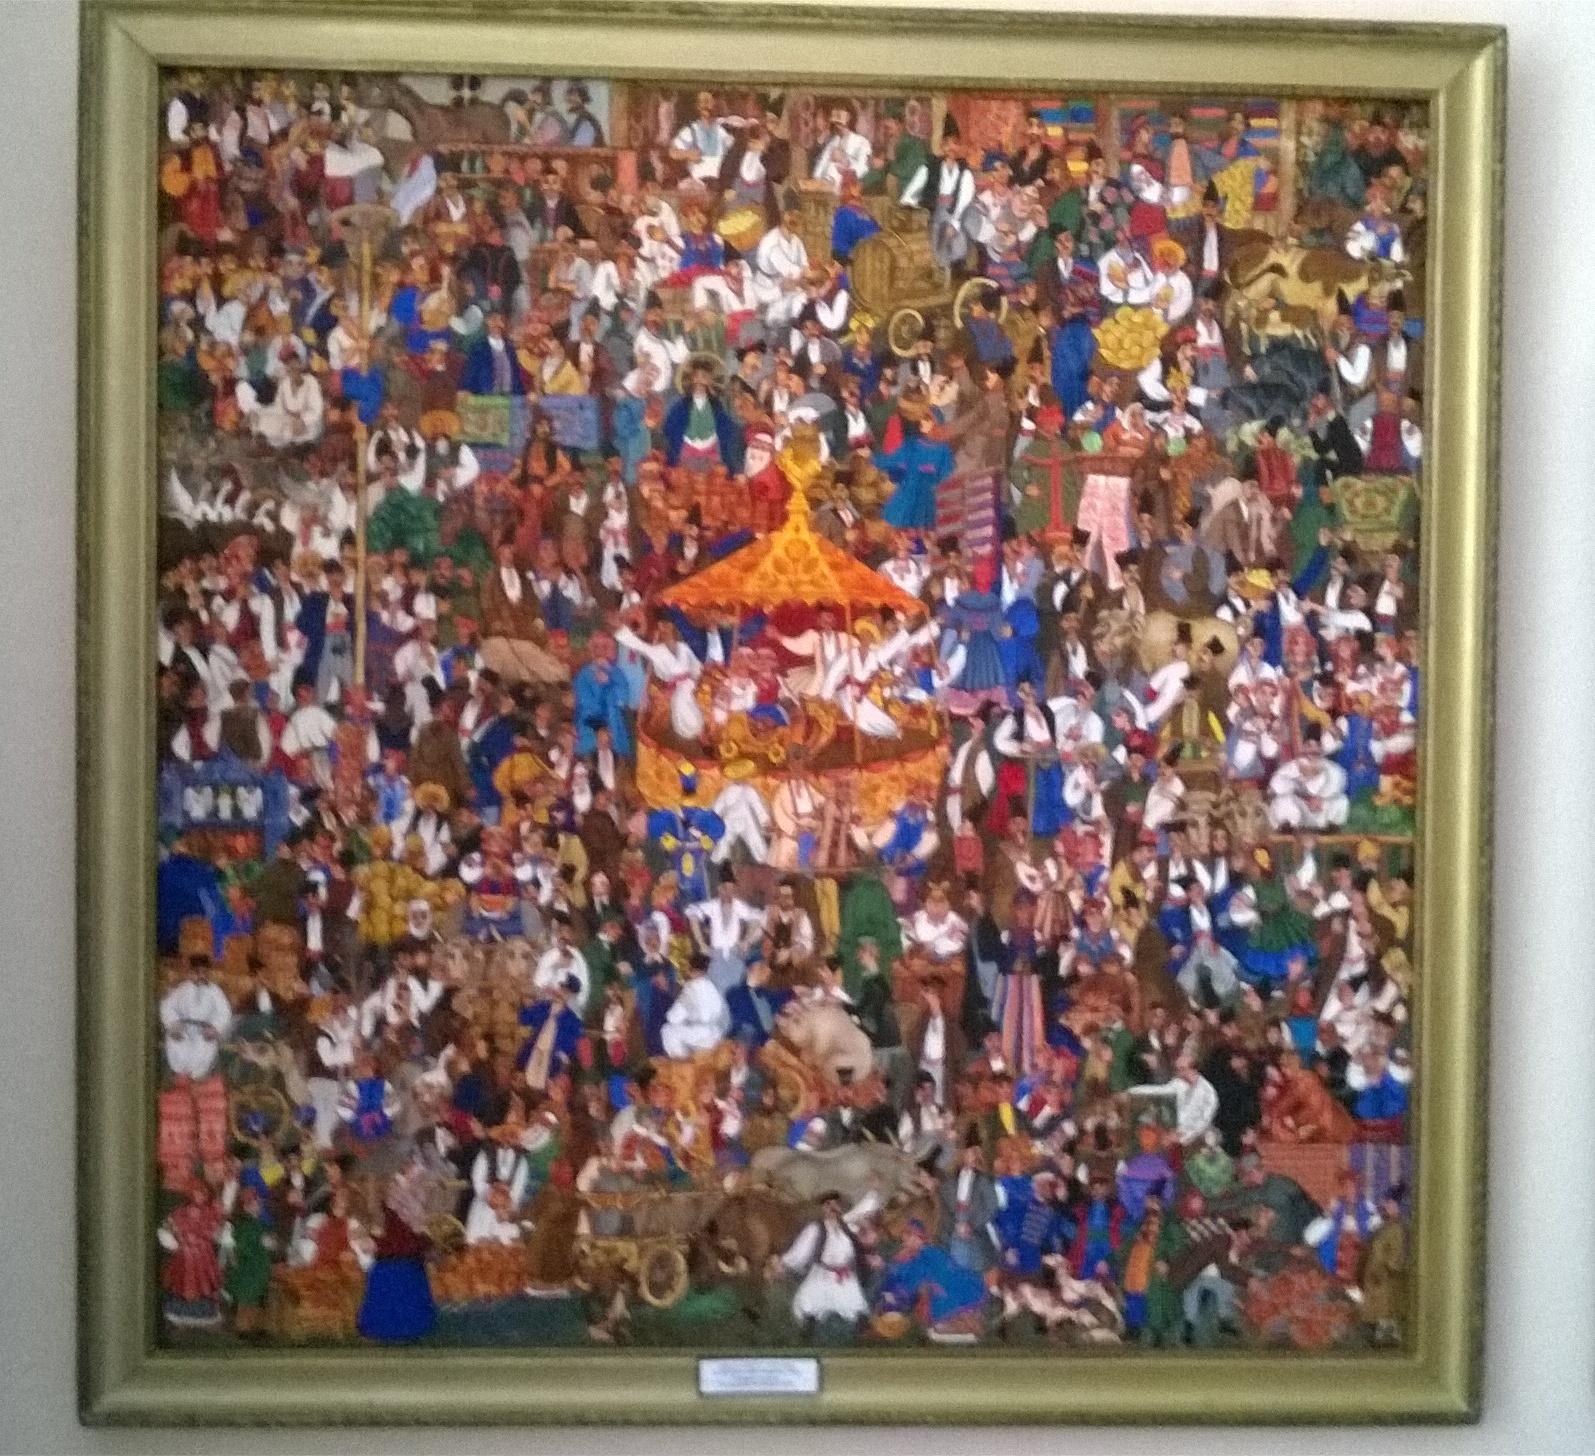 Сорочинская ярмарка 1986. Холст, масло - 2